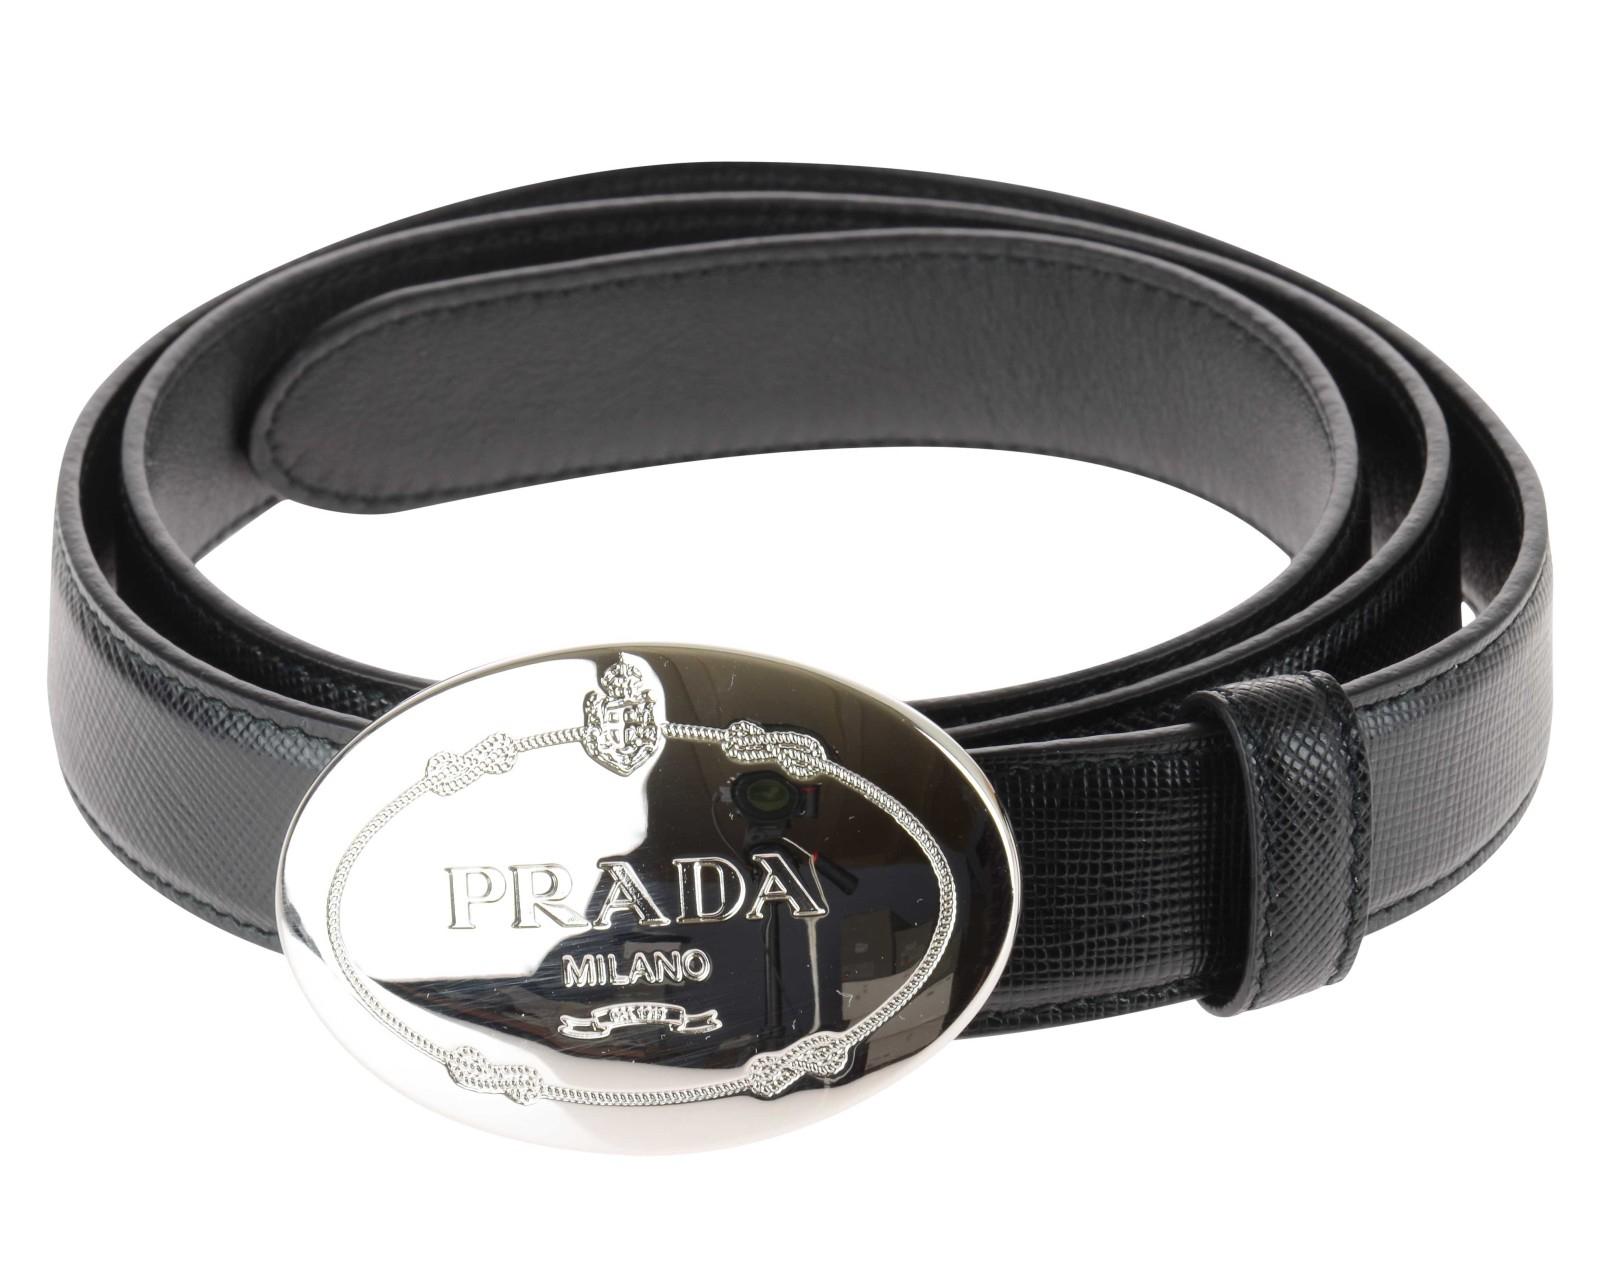 Prada Cintura-In-Saffiano-Donna in Black (Nero) | Lyst